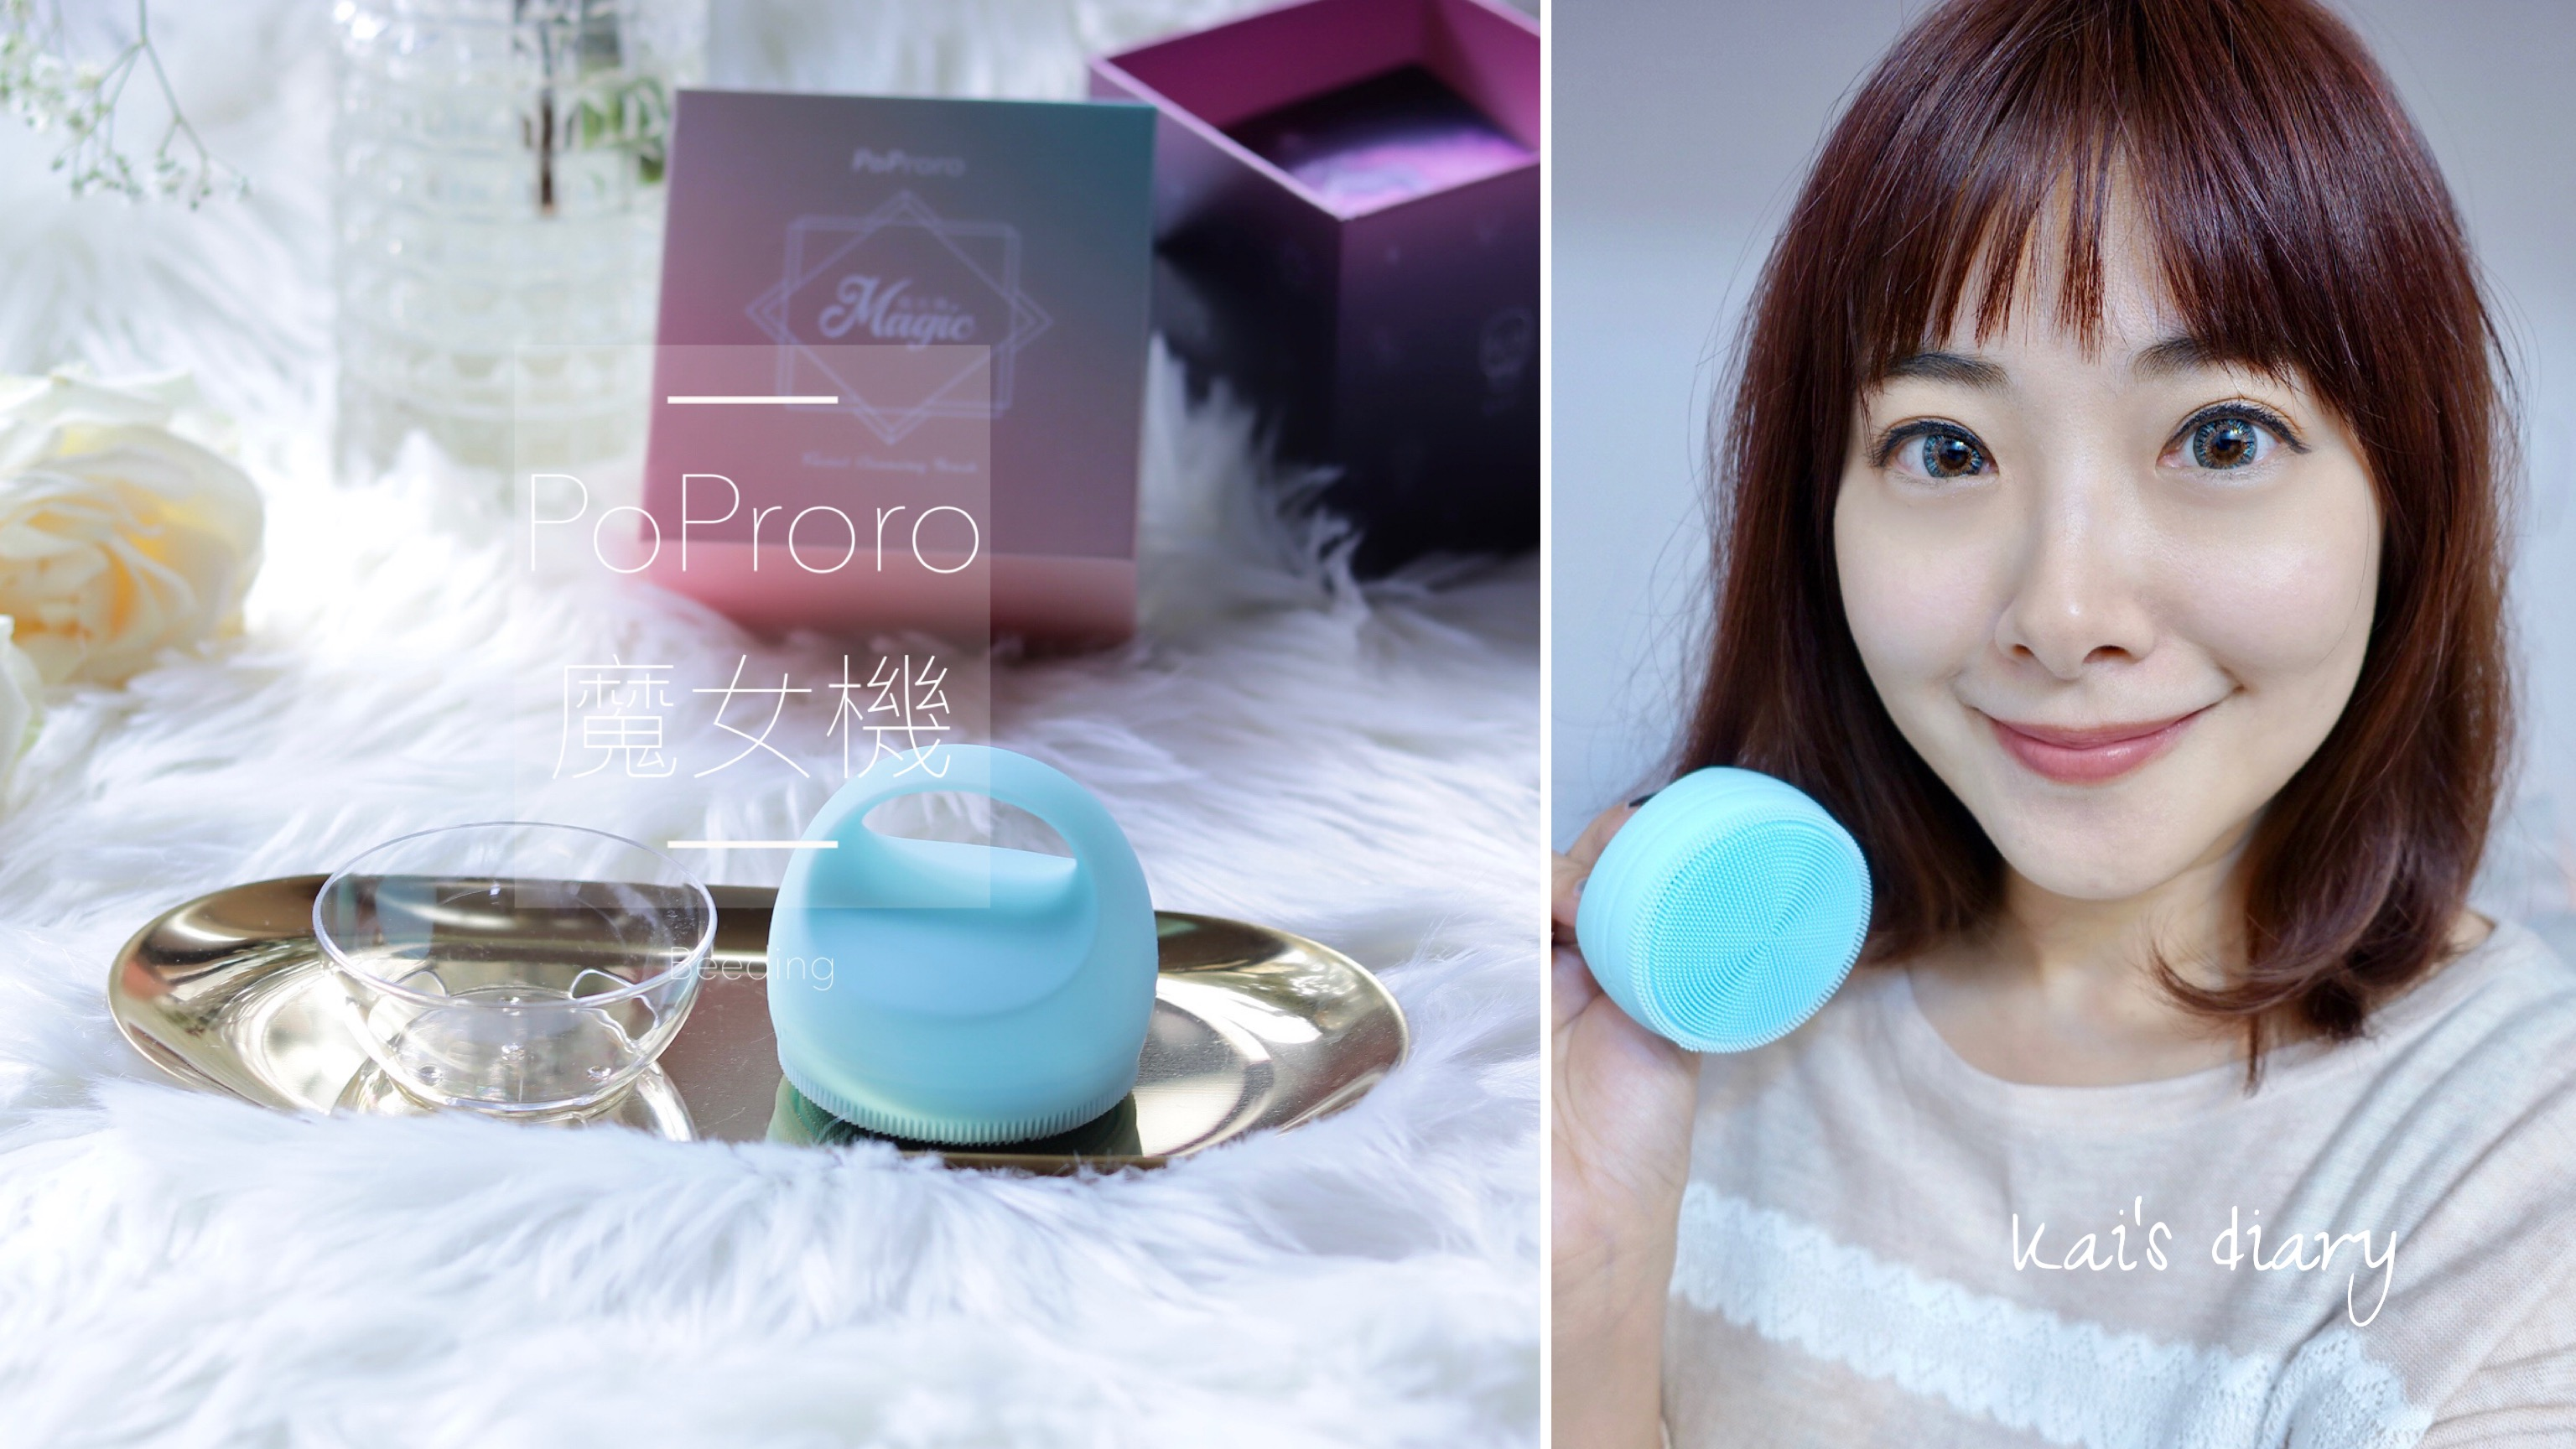 ☆【保養】PoProro 魔女機開箱。洗臉機我誤會你了~原來這麼好上手 @凱的日本食尚日記